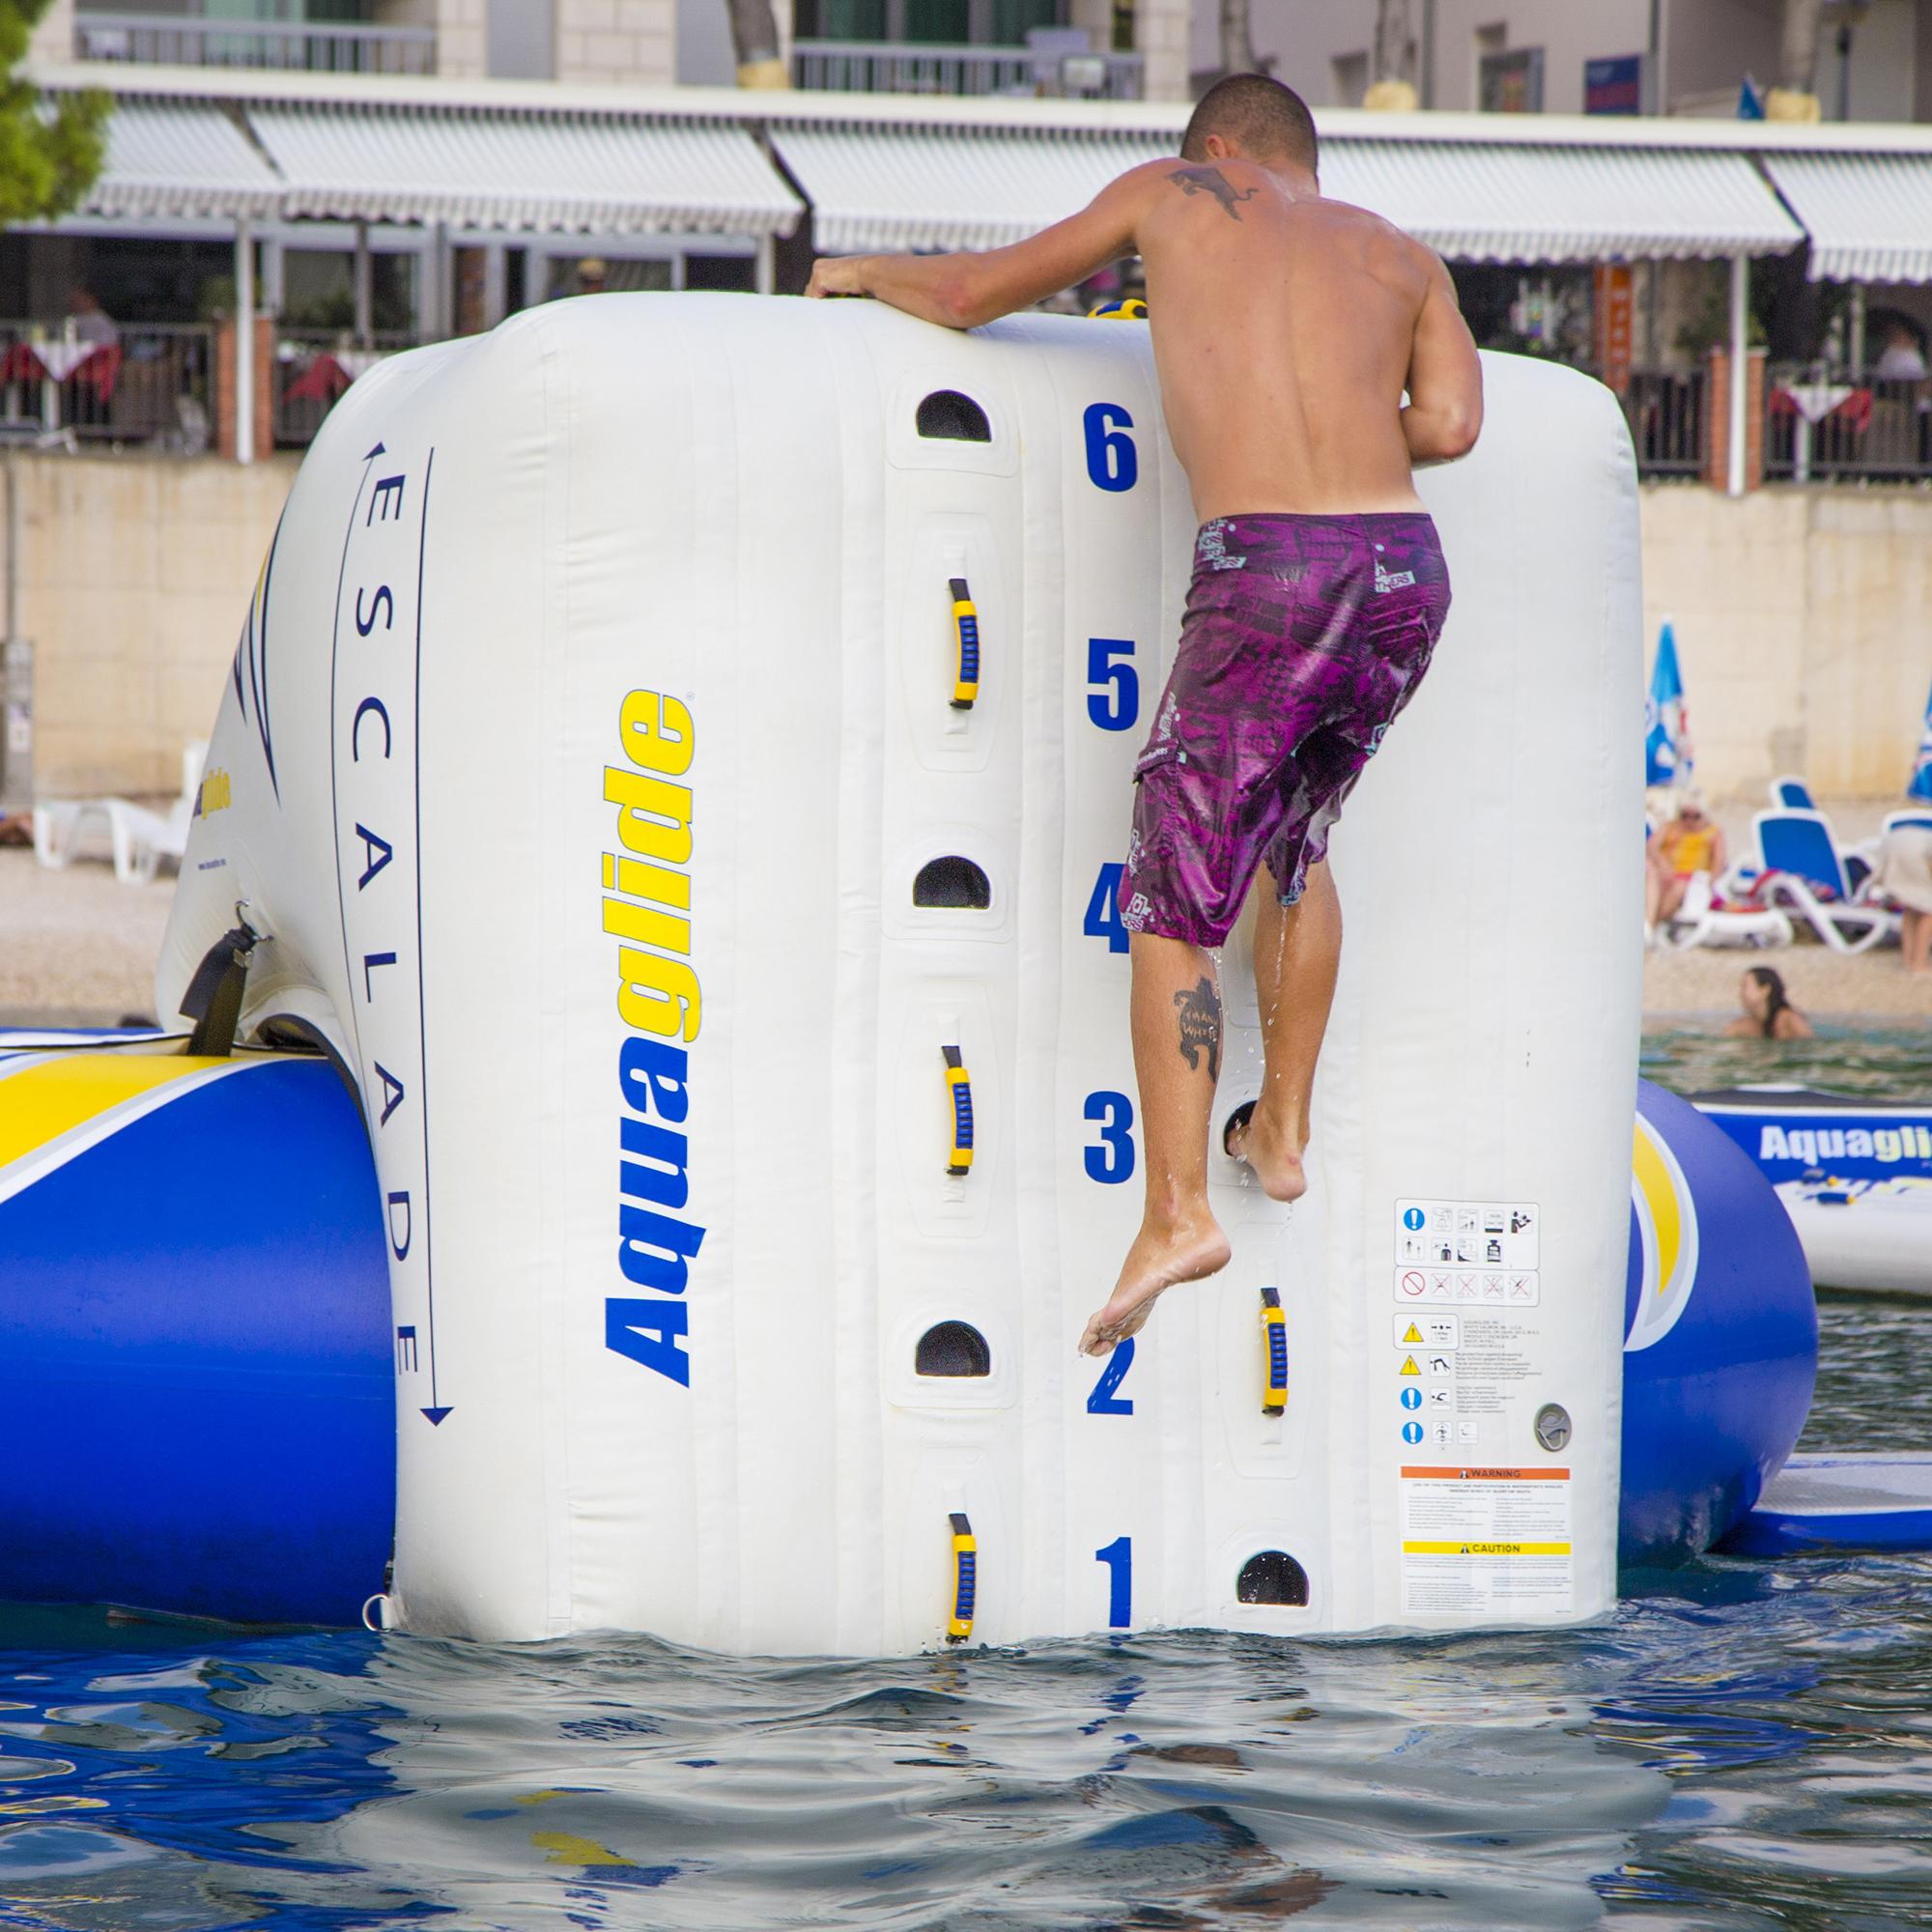 Aquaglide Escalade Trampoline Climbing Wall